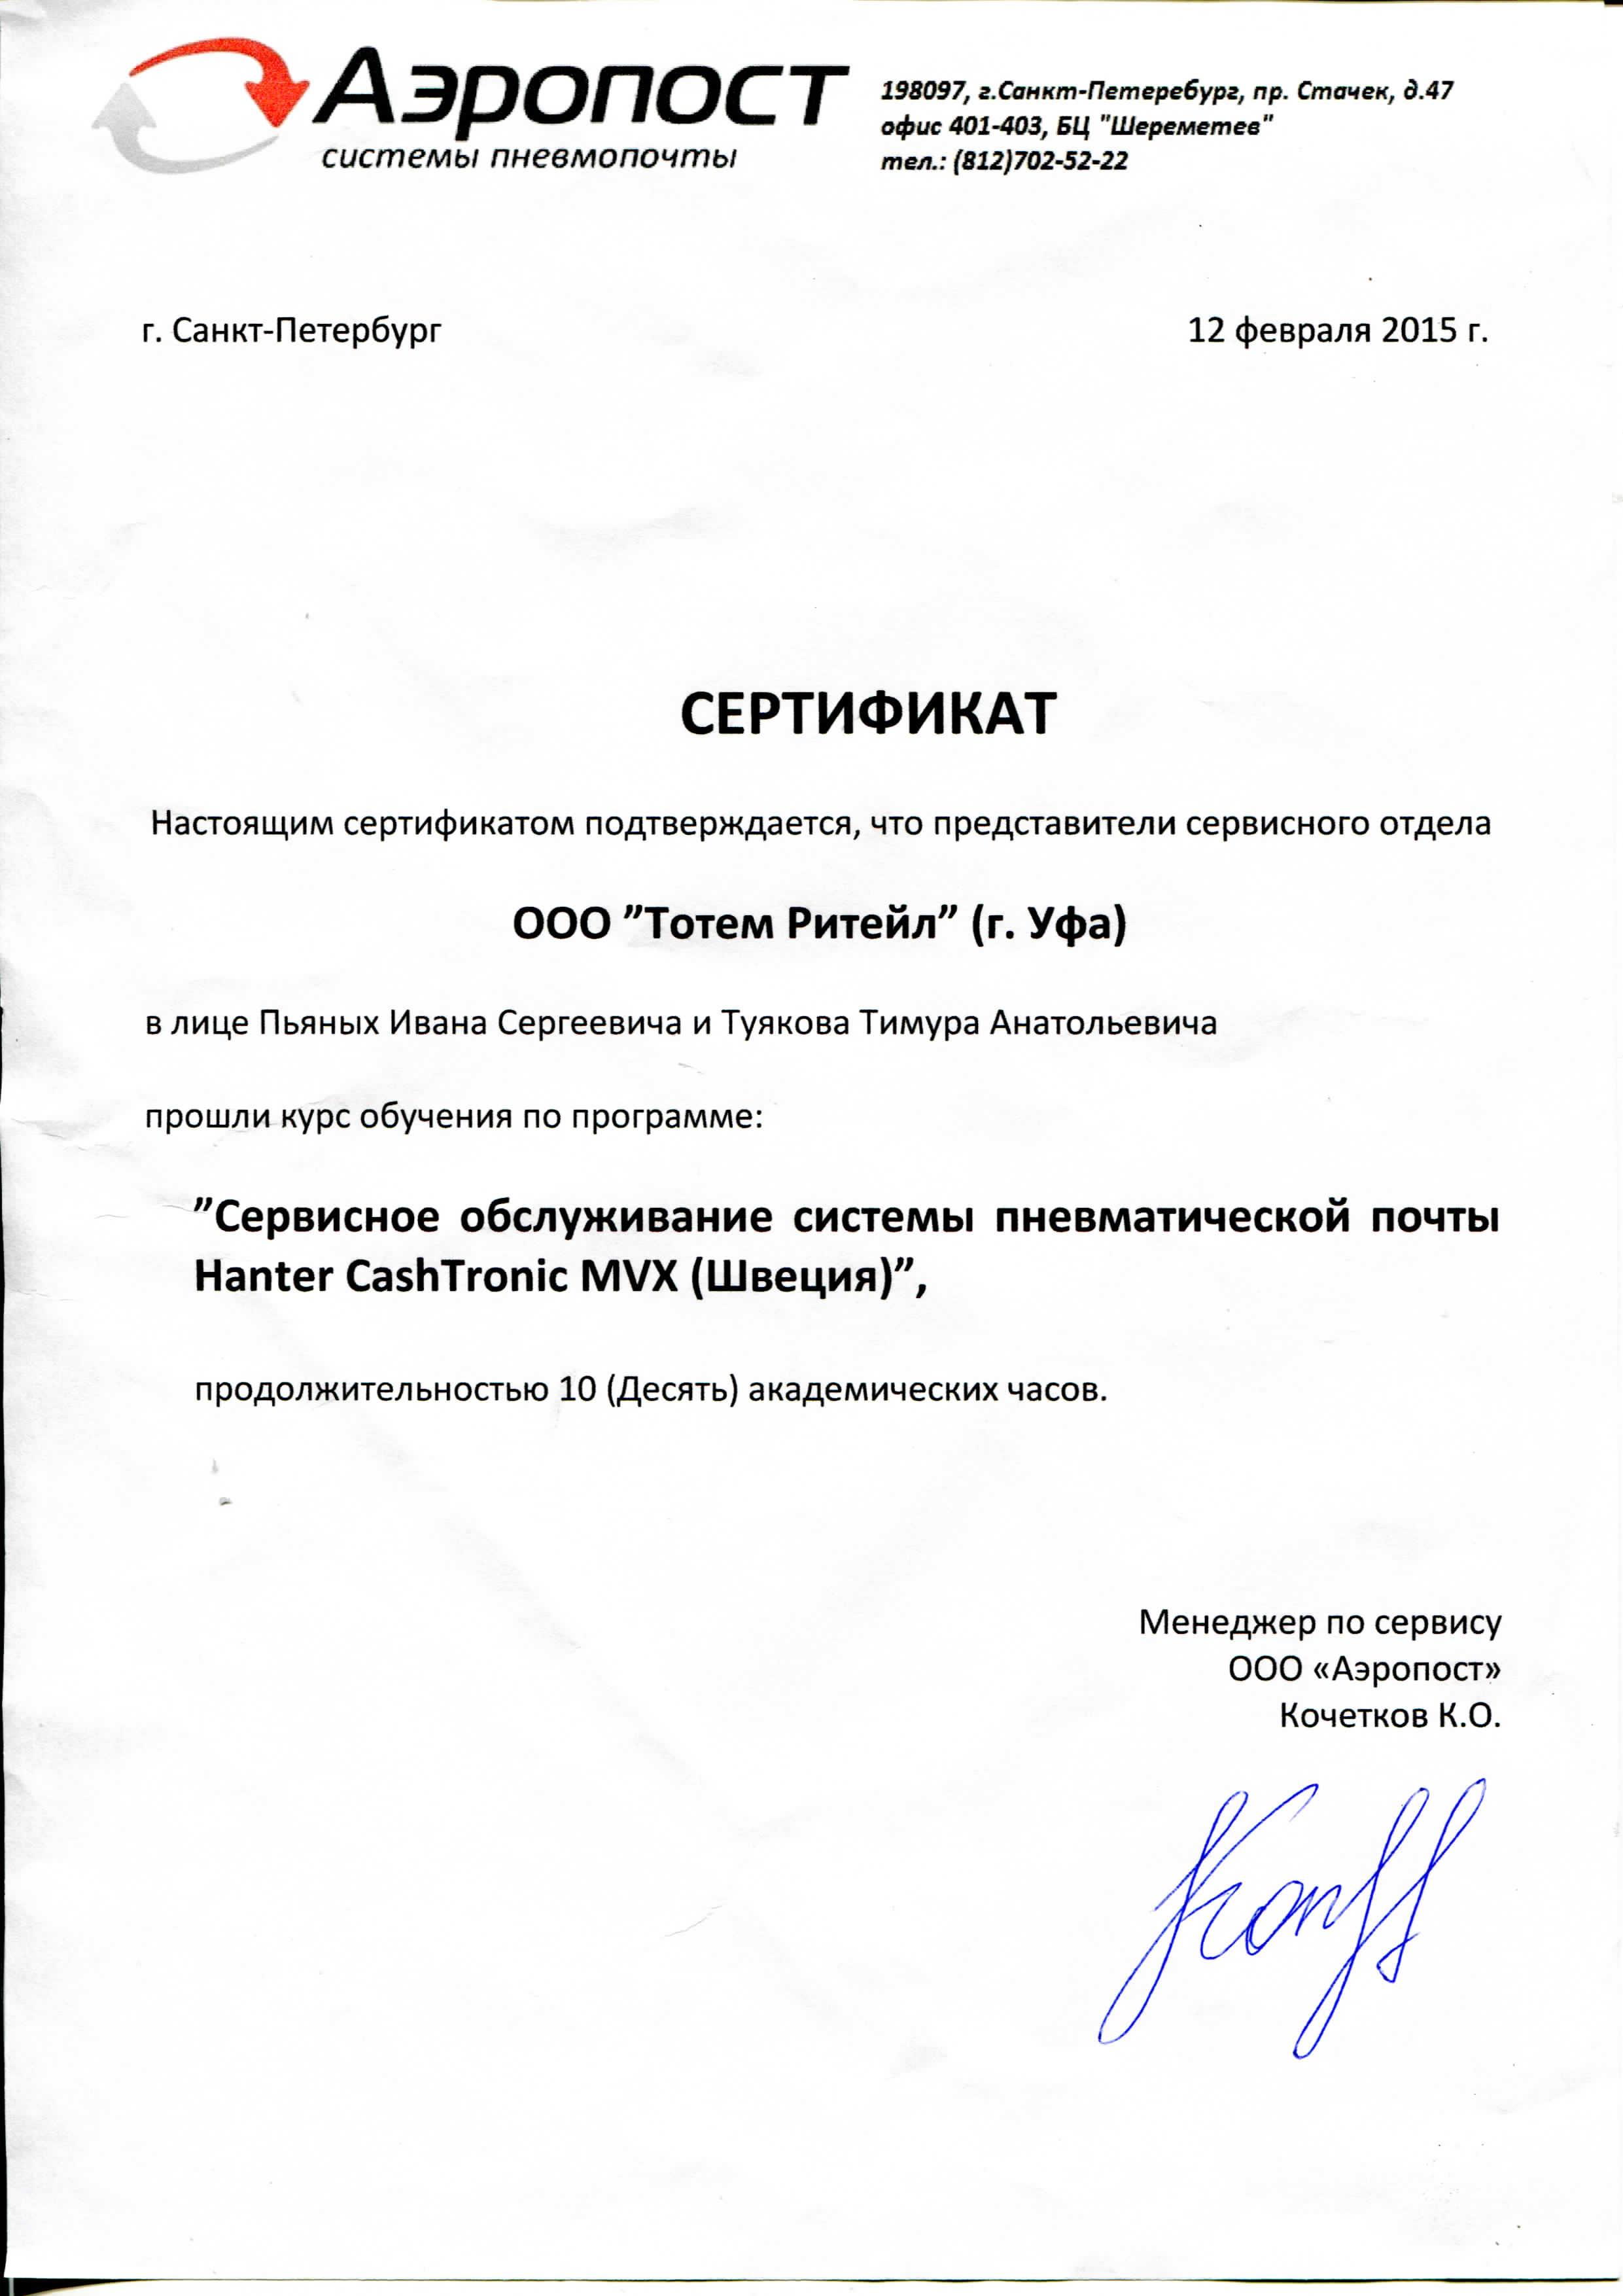 Сертификат Hunter